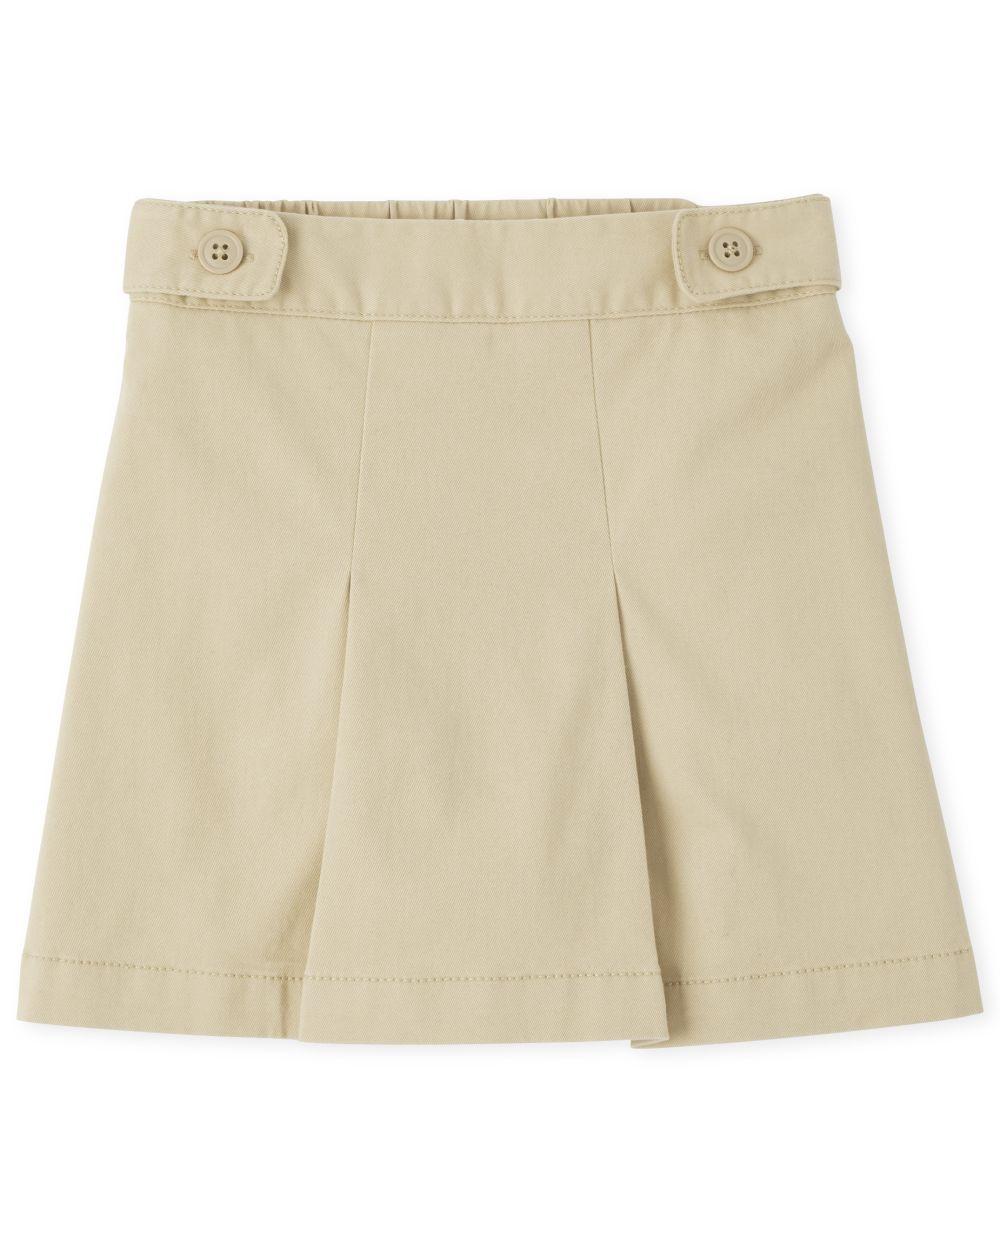 Girls Uniform Wrinkle Resistant Skort